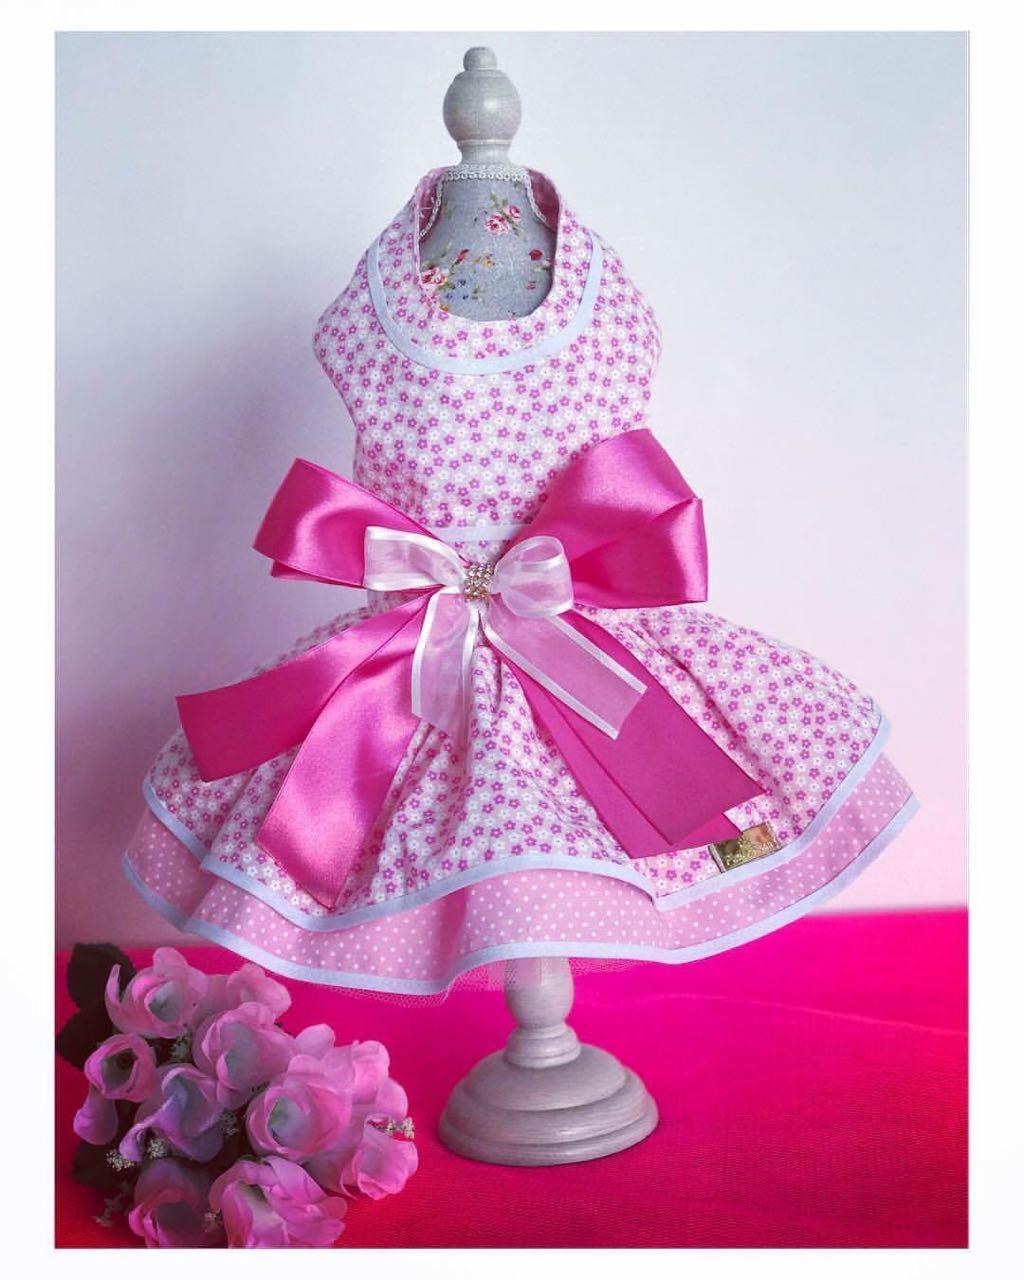 Vestido Rosa Laço com Flores